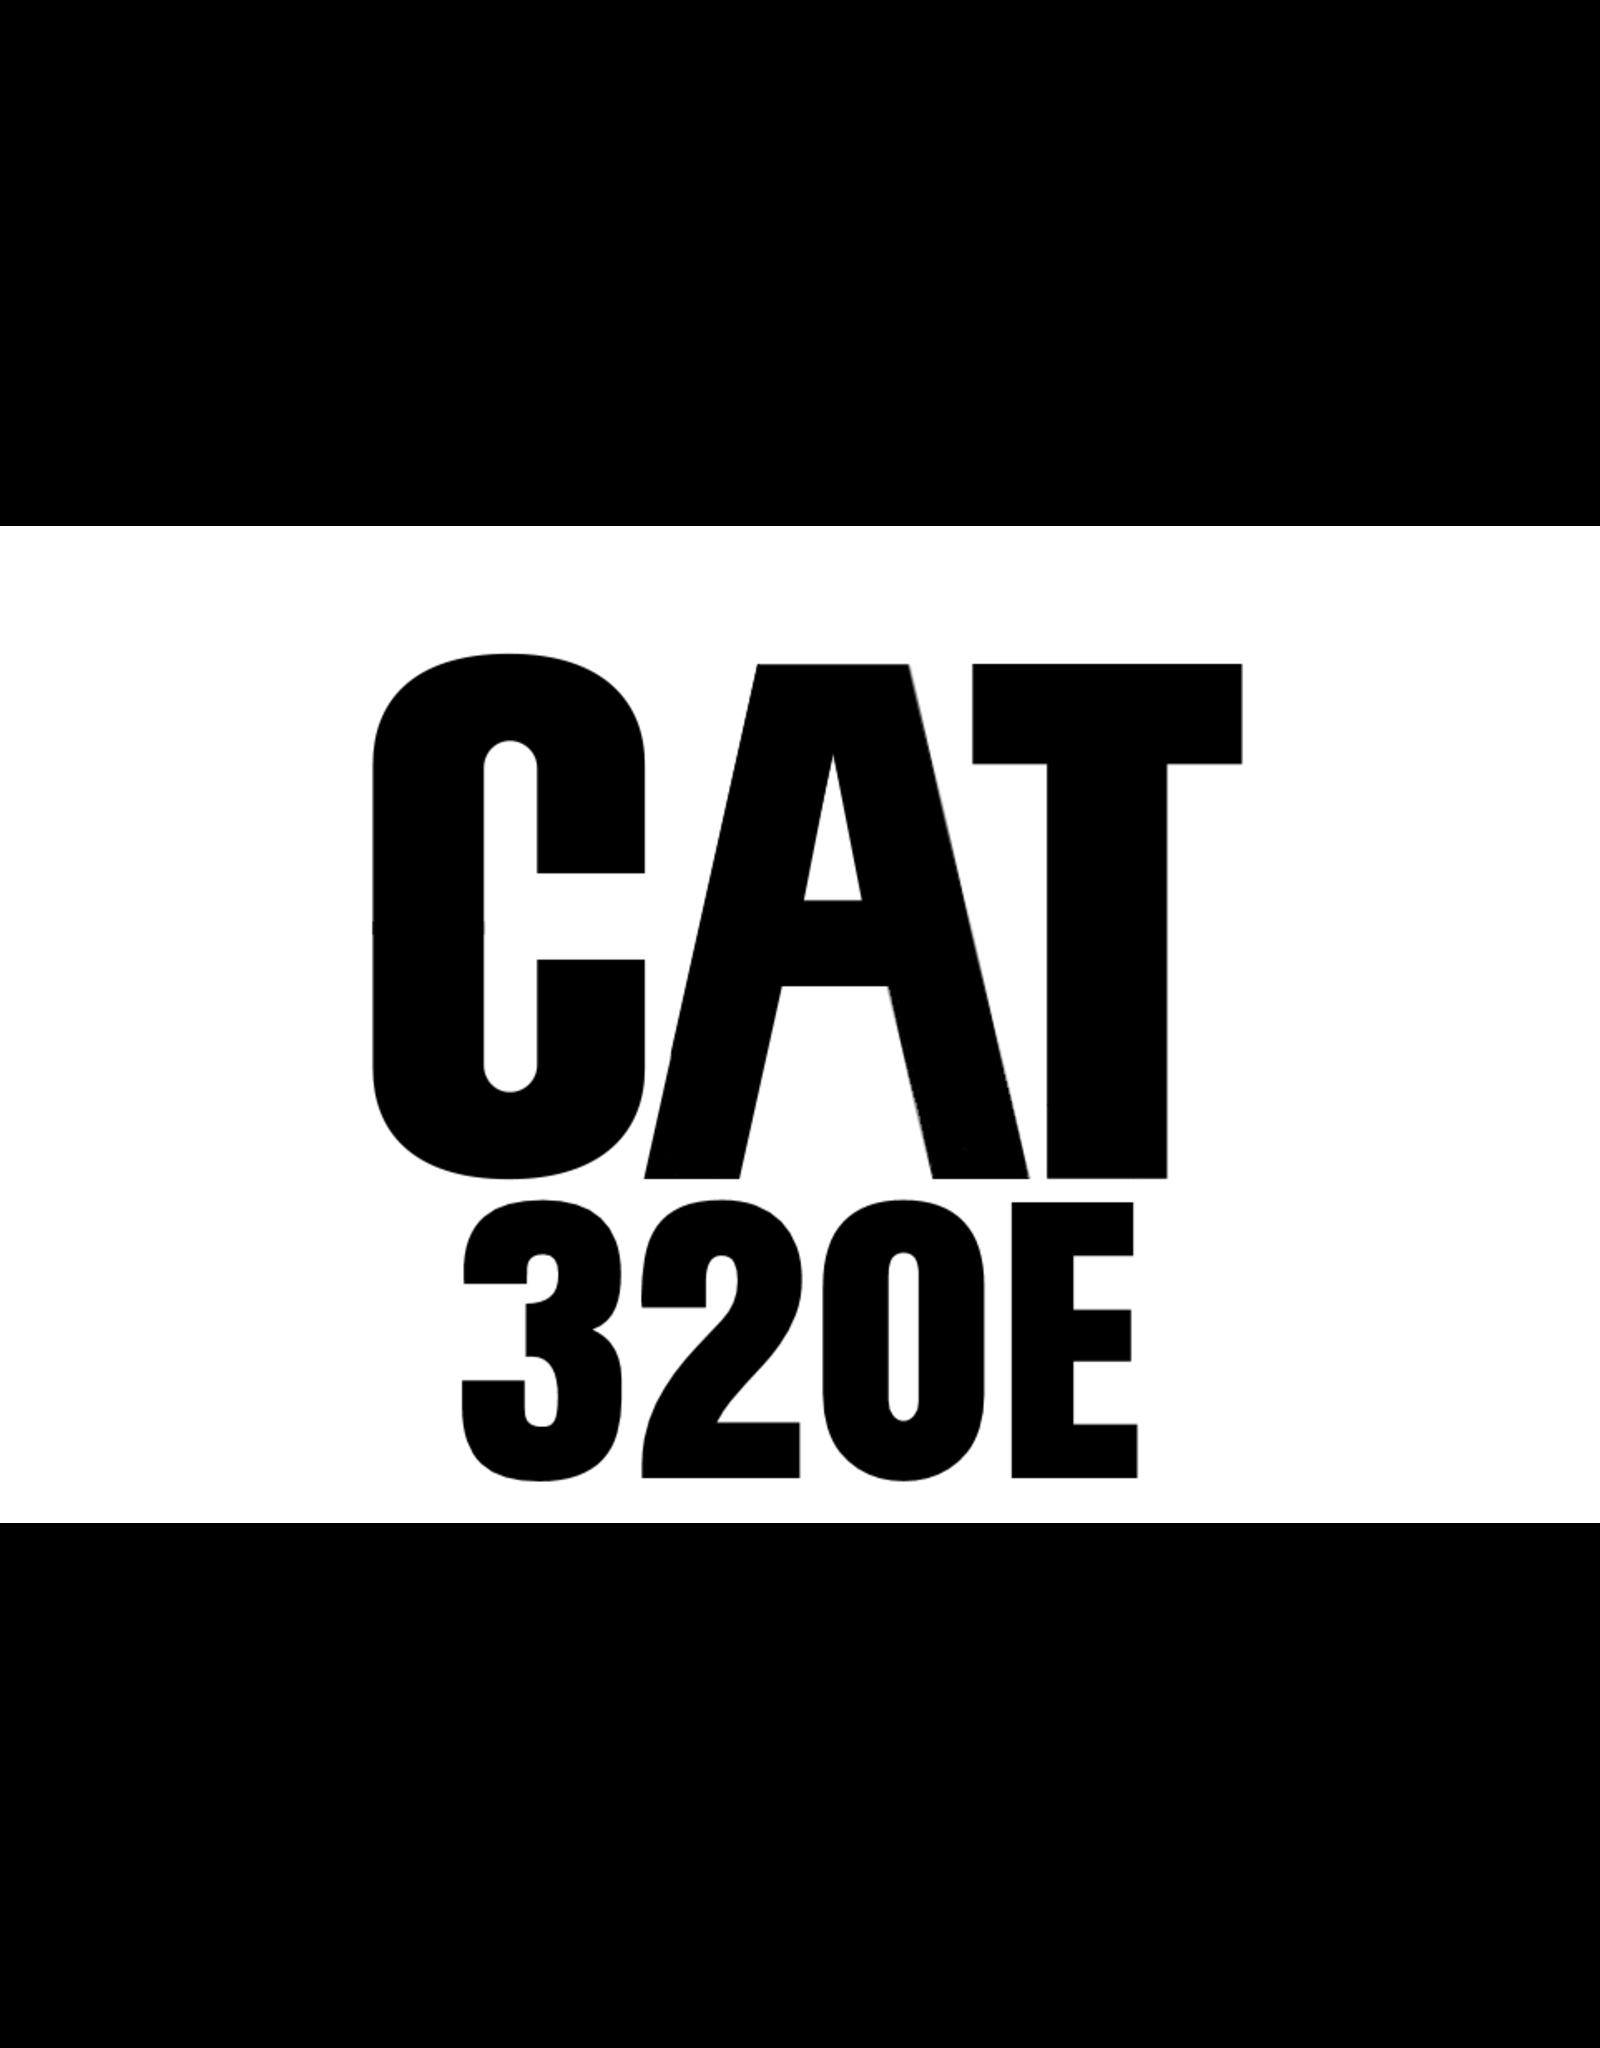 Echle Hartstahl GmbH FOPS for CAT 320E